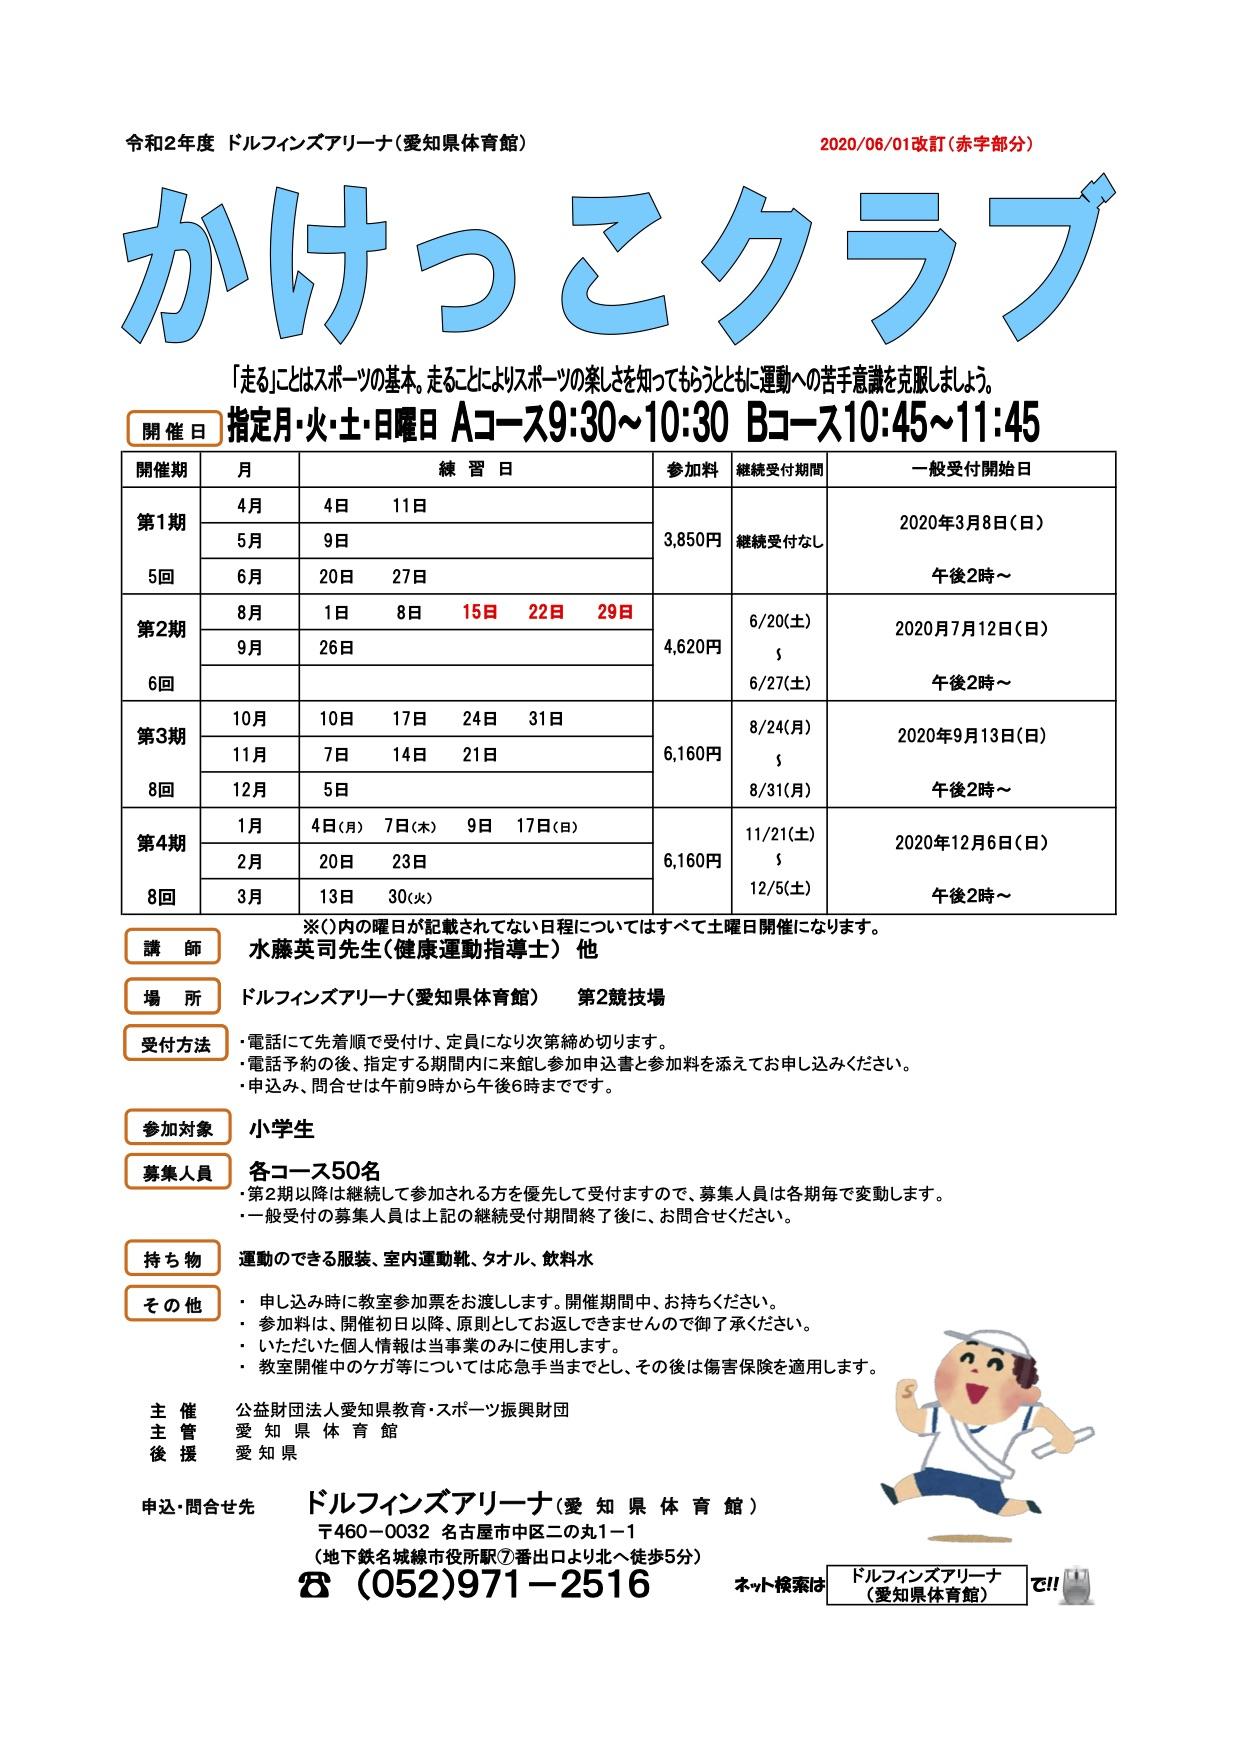 愛知県体育館 かけっこクラブ